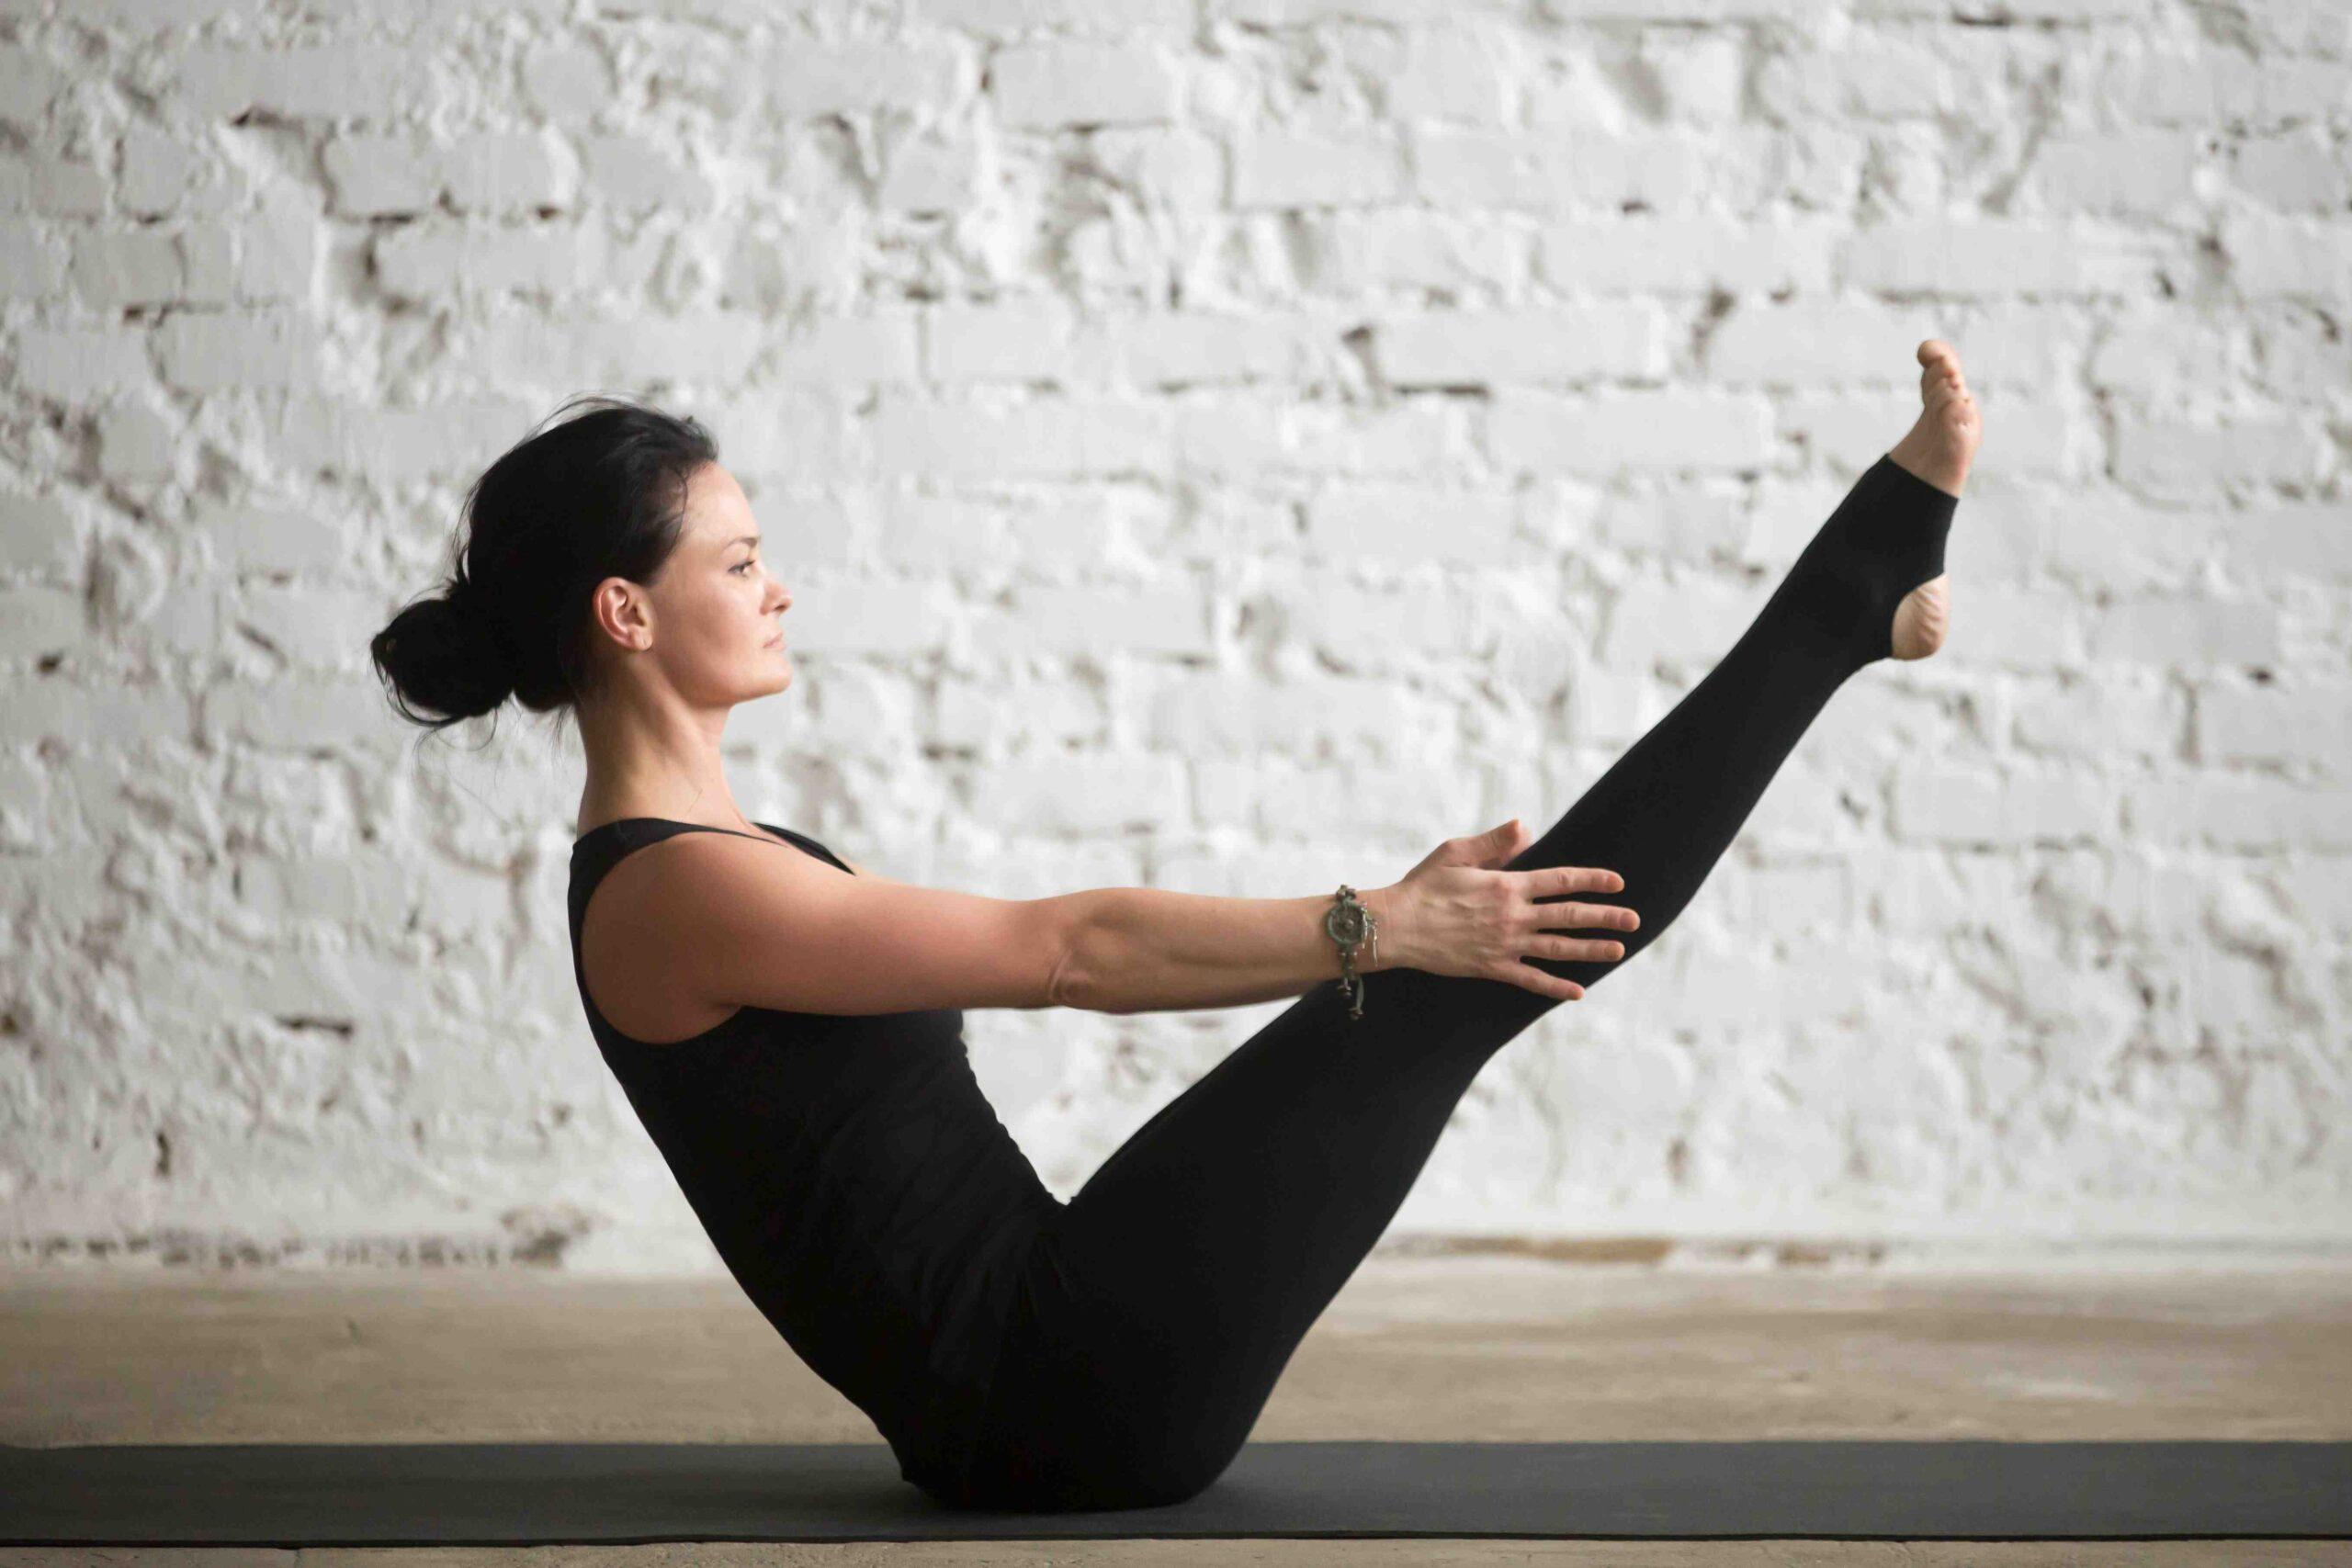 Comment s'habiller pour les cours de Pilates?